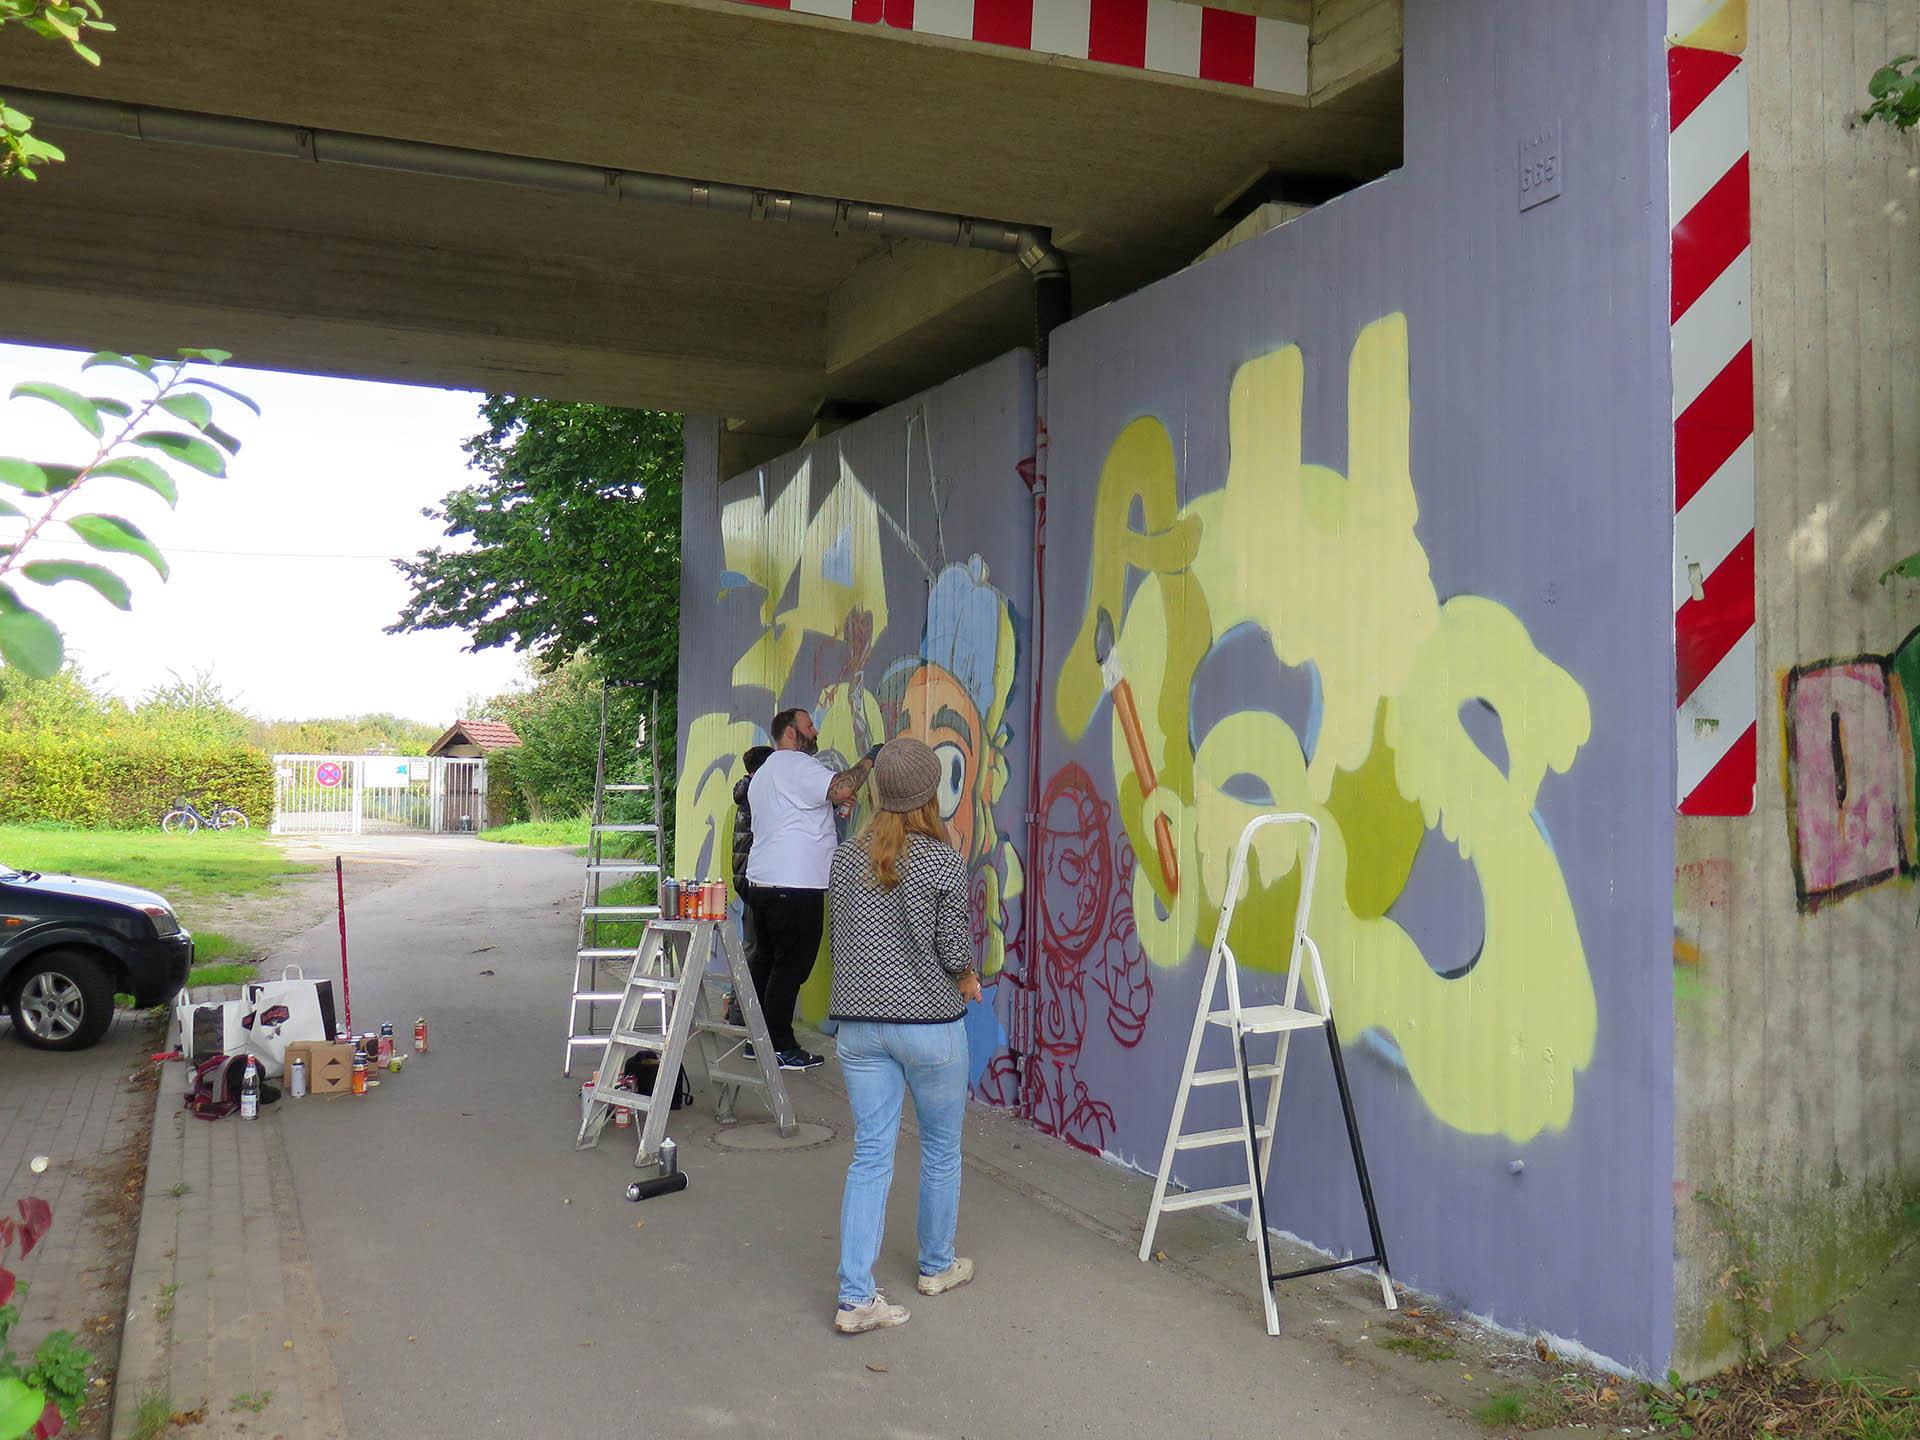 Workshop, Graffiti Ag, Paul Gerhardt Haus, Münster, Auckz, Bennet Grüttner, Jugend, Sprayen